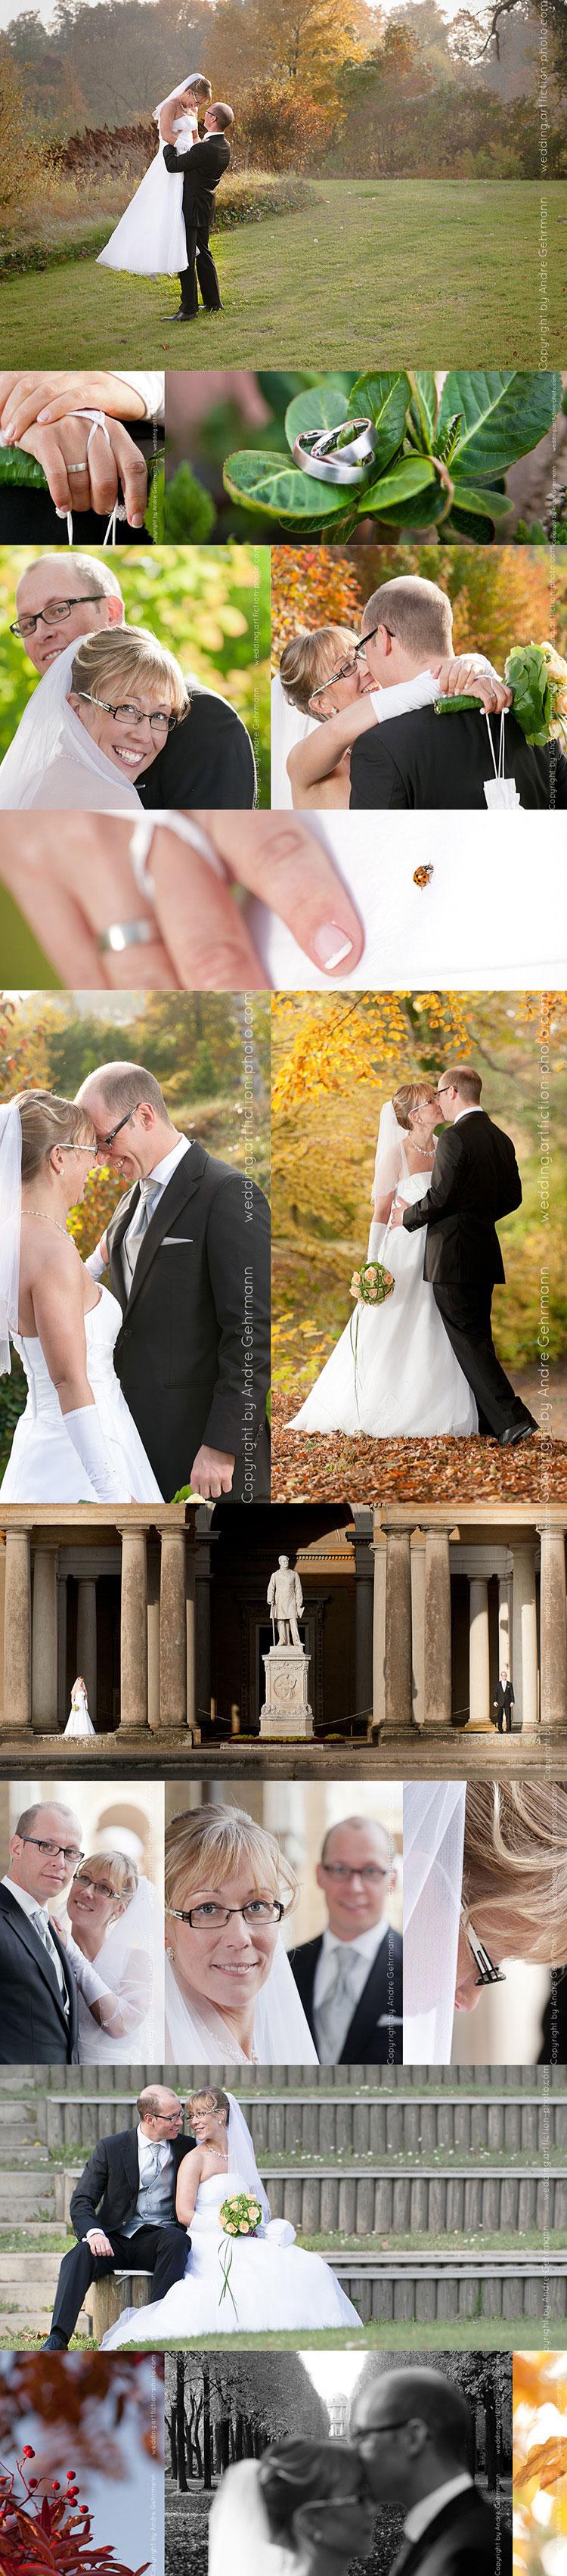 Hochzeit-Fotos-Potsdam-Krongut-Braut-Bräutigam-Hochzeitsring-Herbst